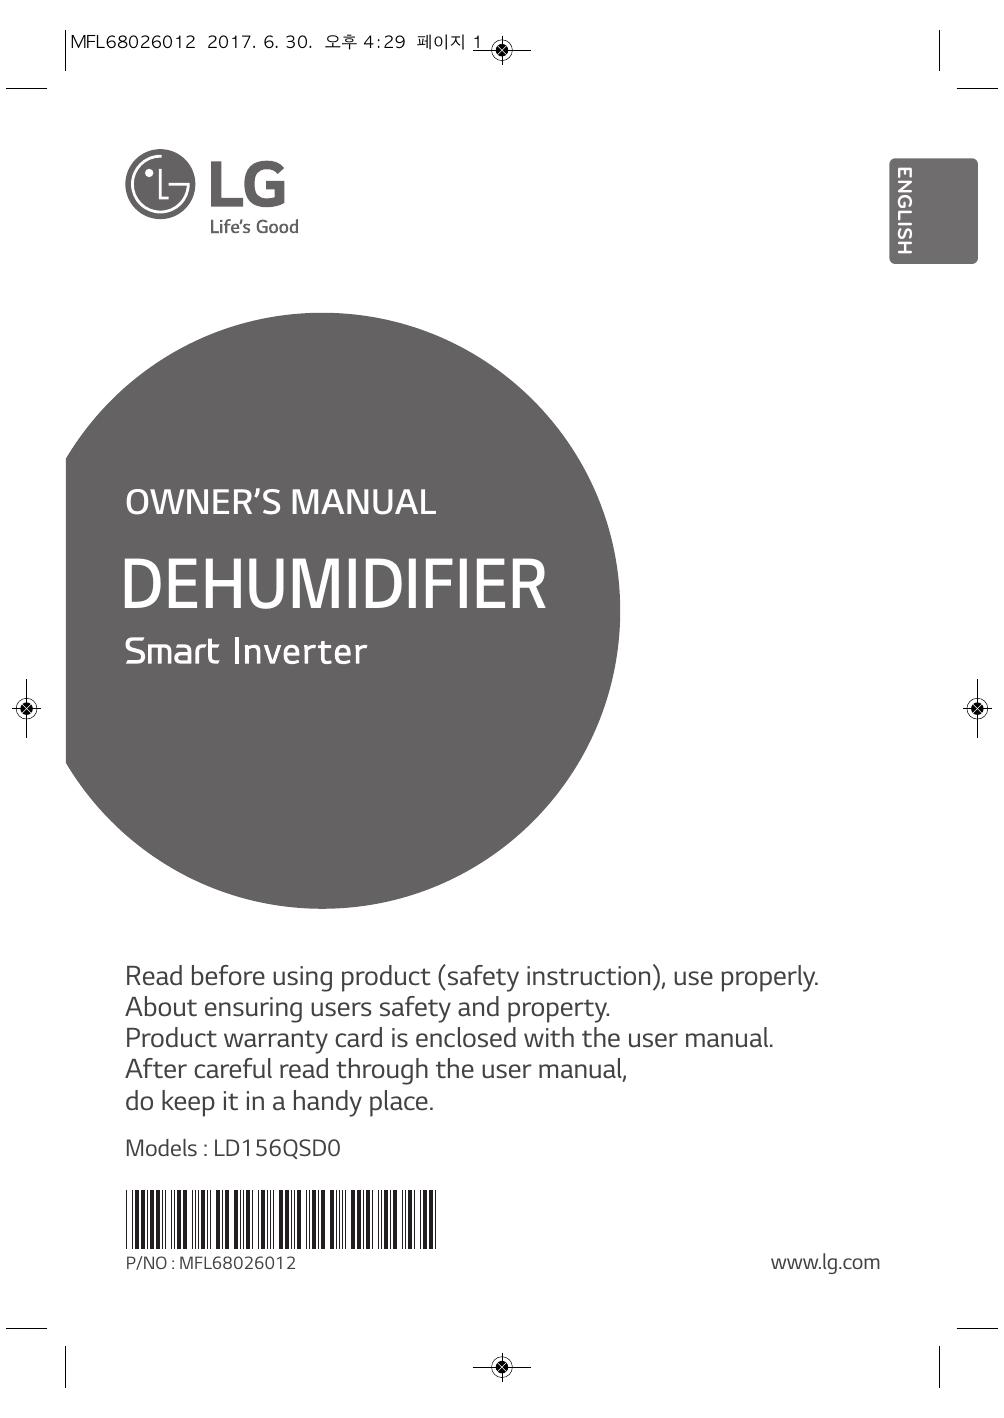 LG LD156QSD0 Owner's Manual   manualzz com